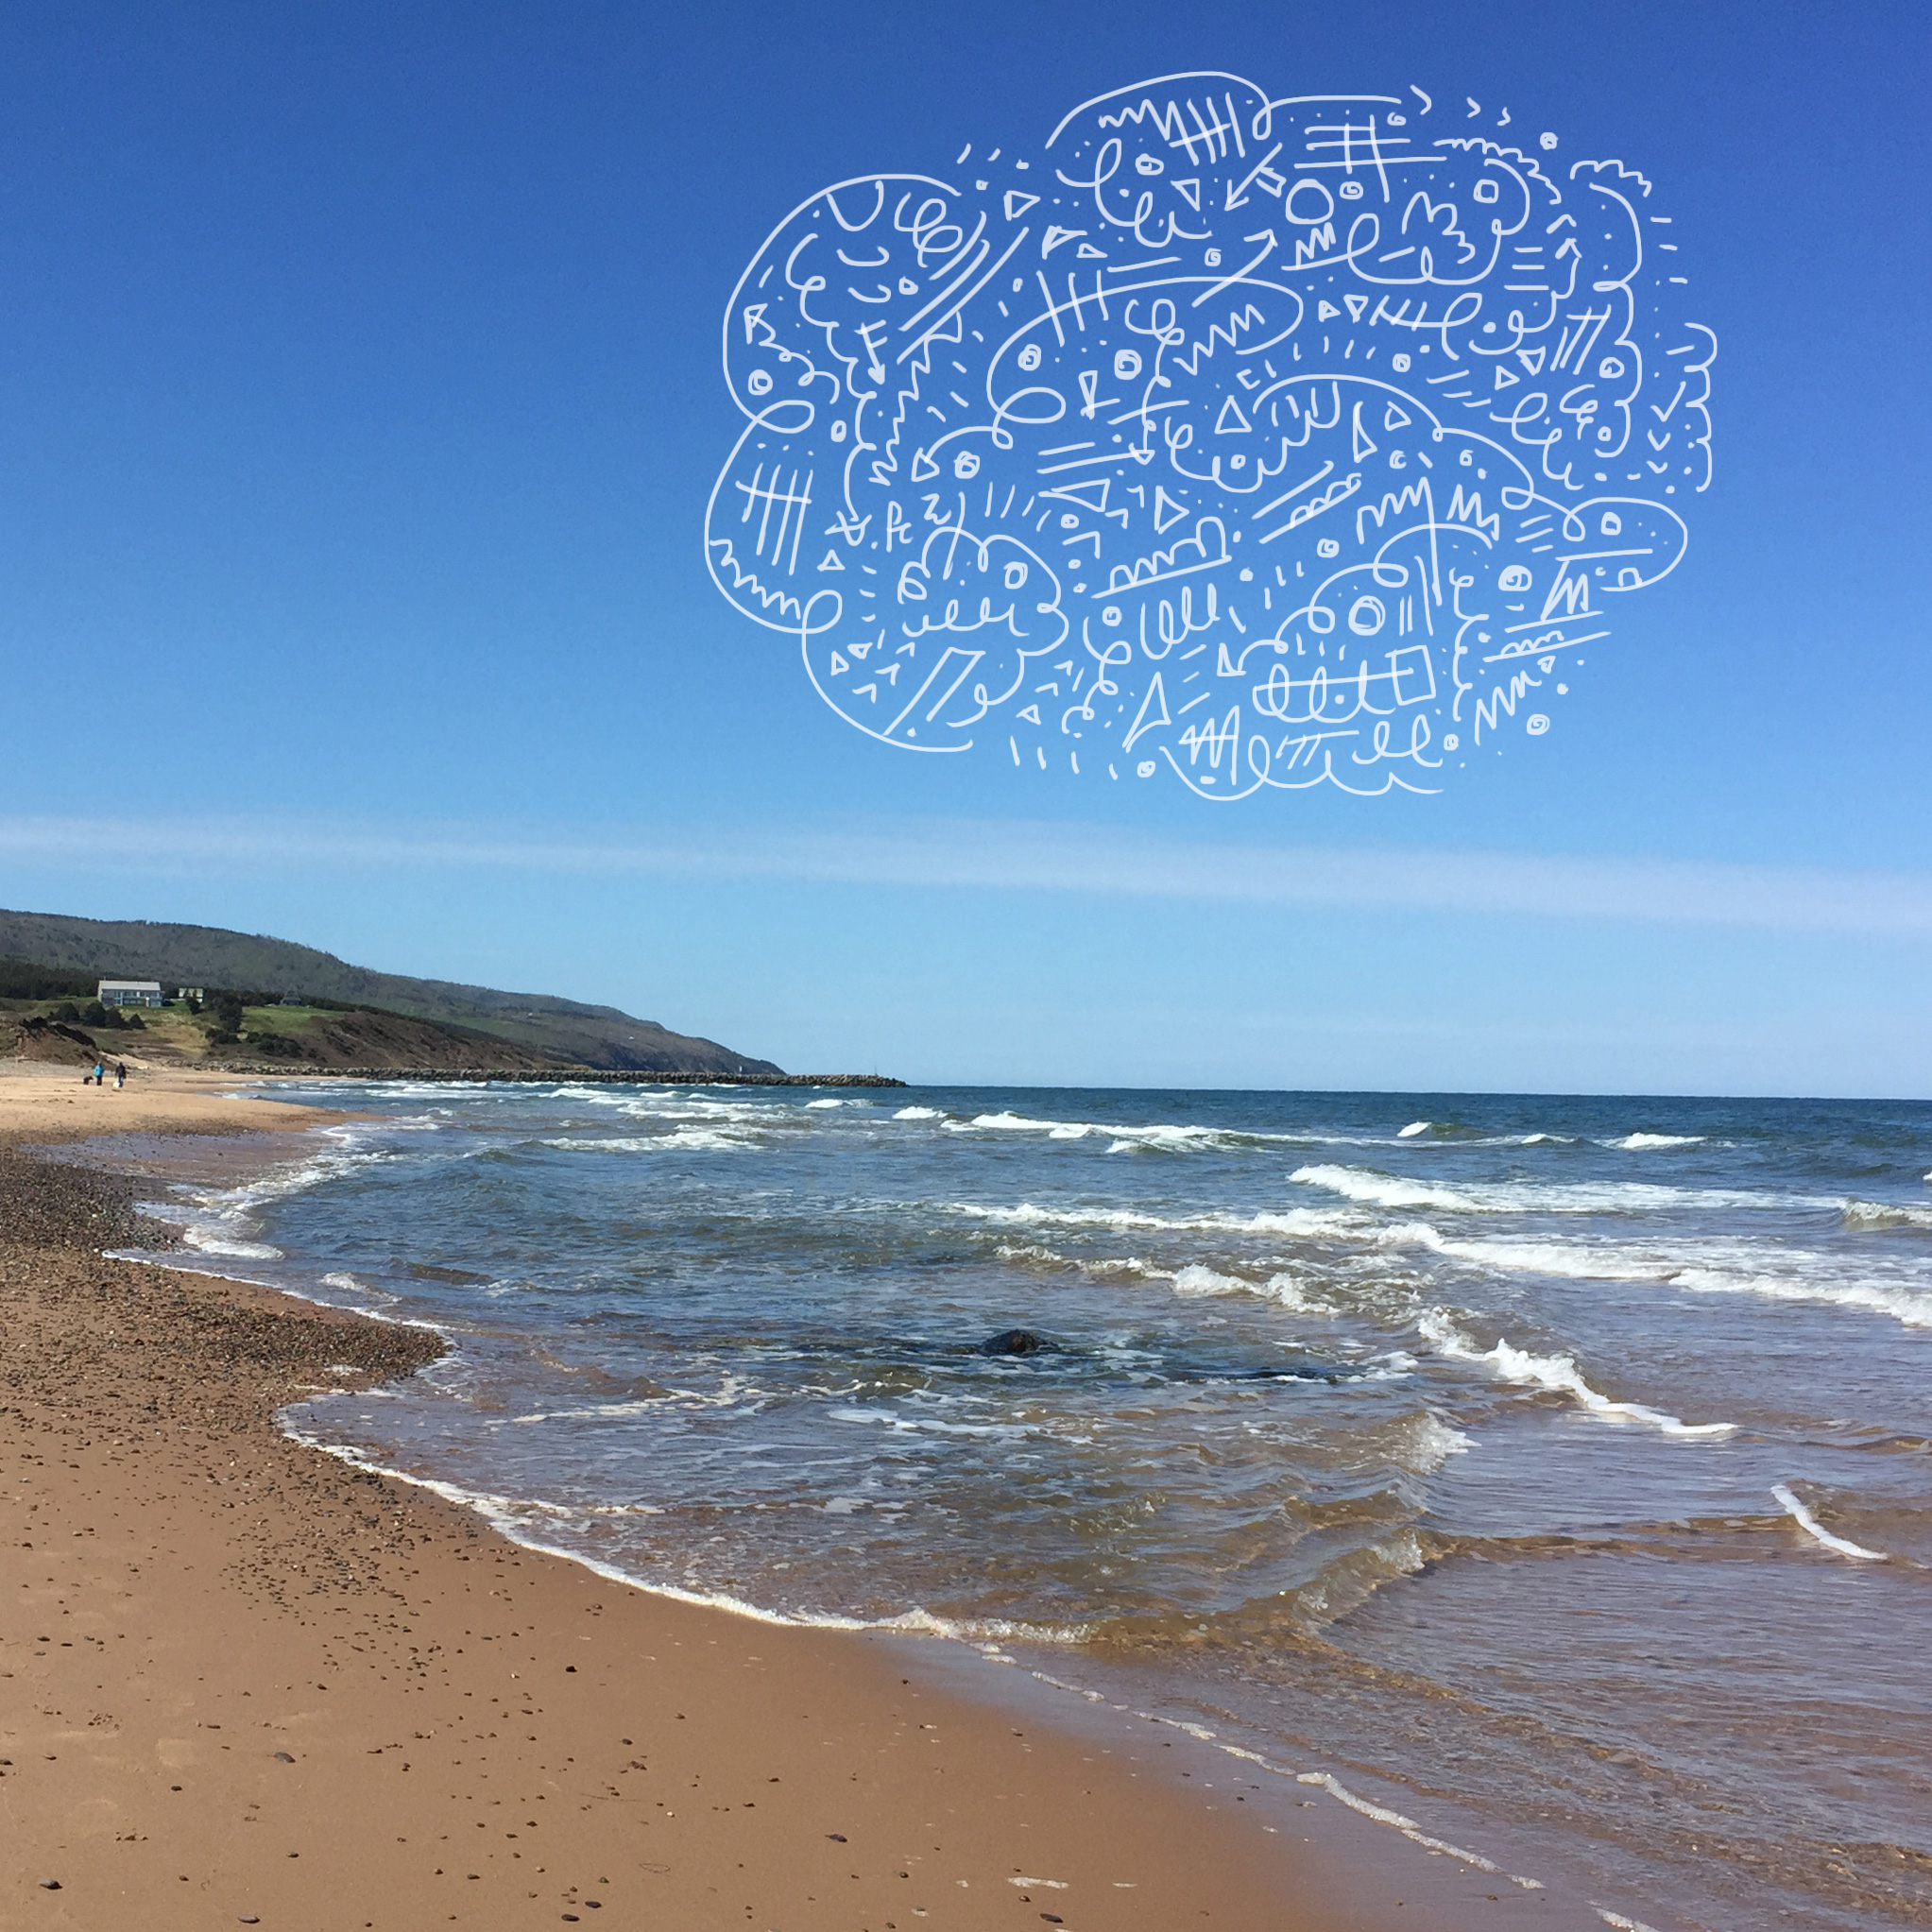 E_1187 beach day.jpg